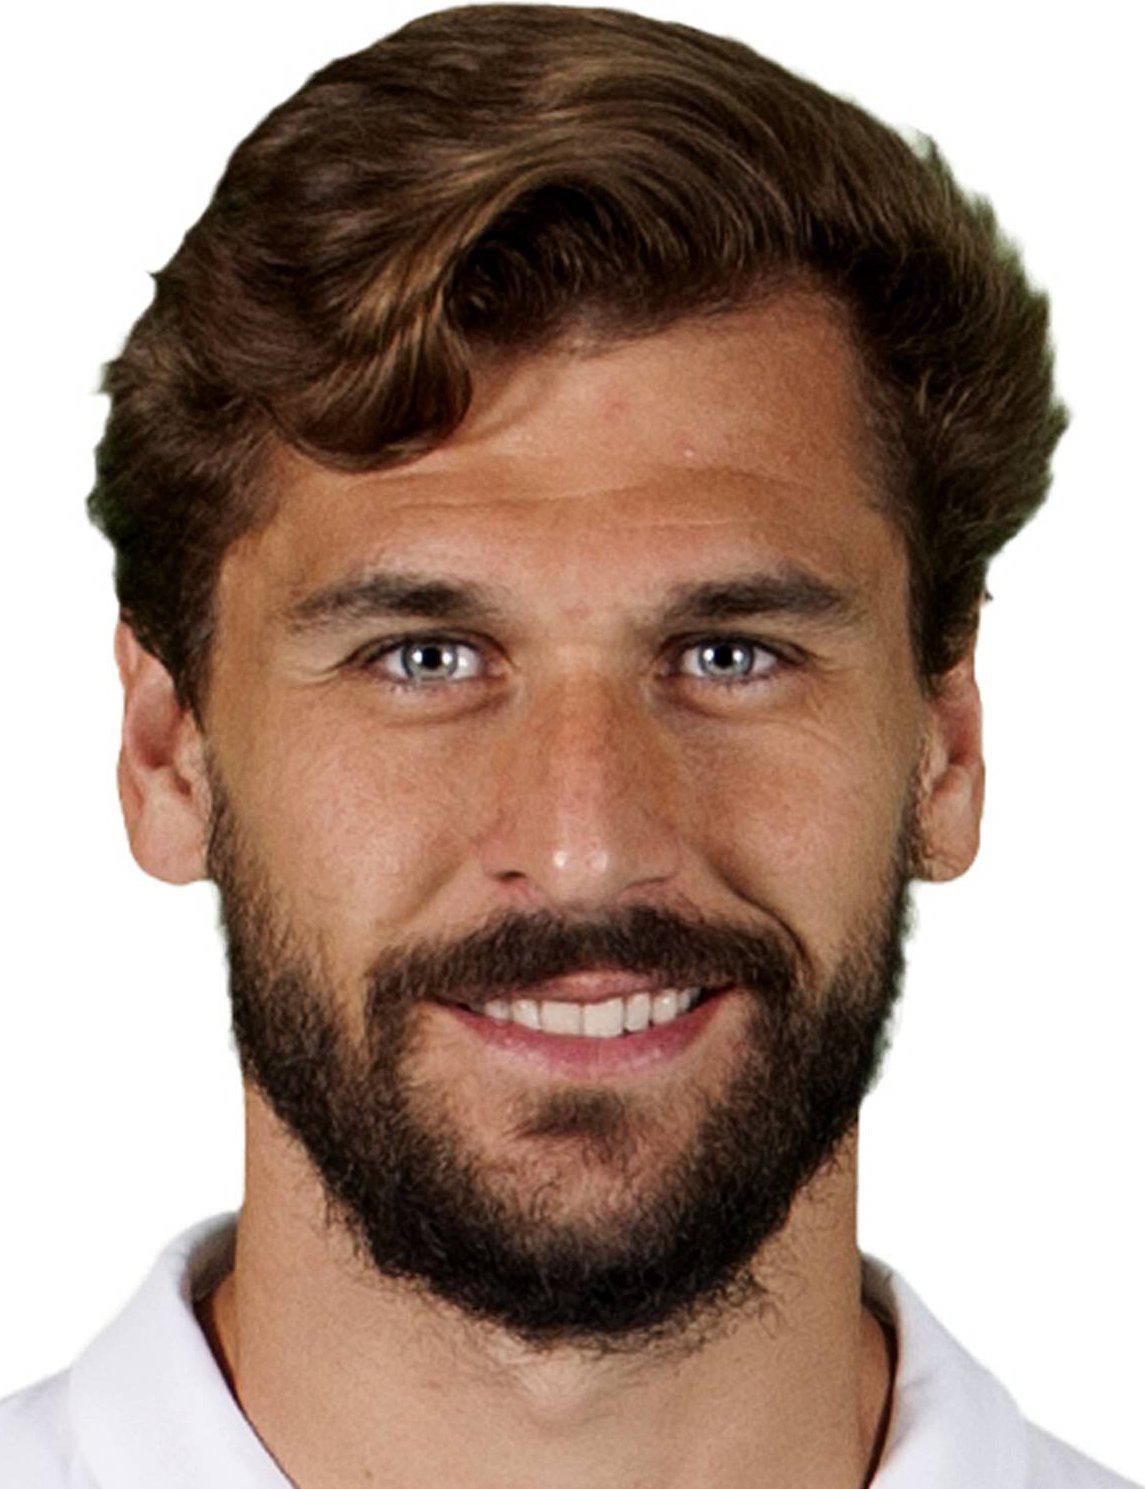 e3515e5b3a752f Fernando Llorente - Player Profile   Transfermarkt